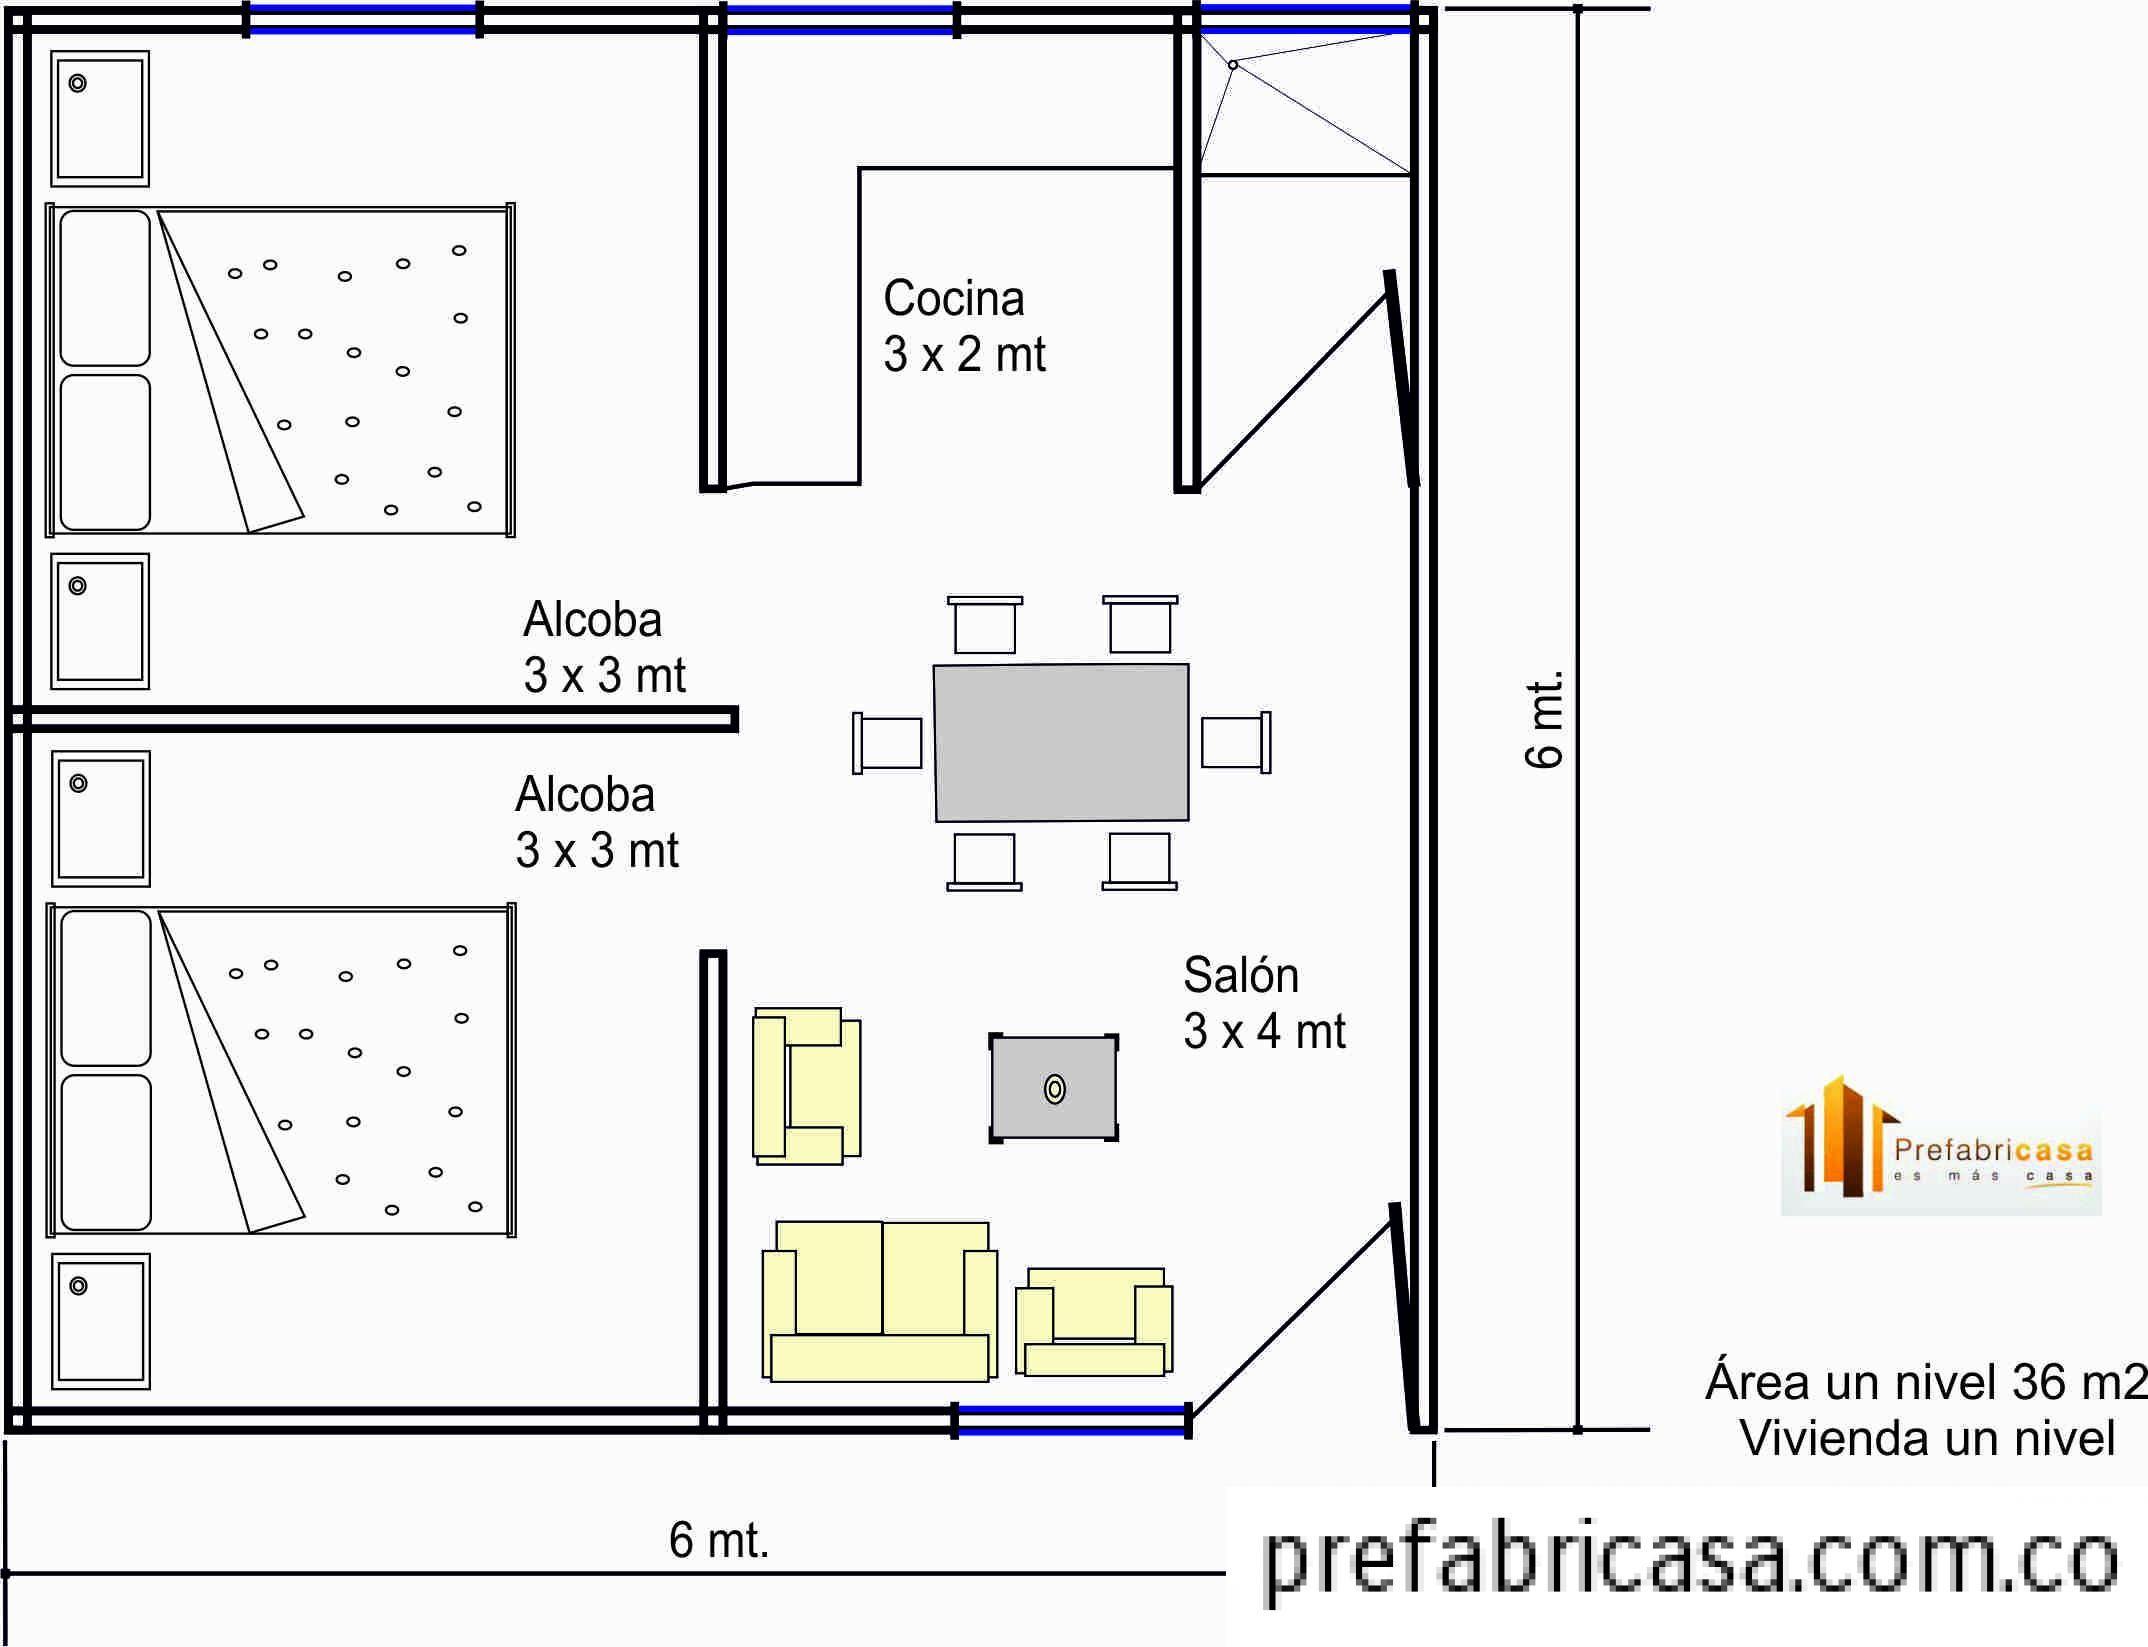 Casa prefabricada 36 mts2 proyectos a intentar Planos de casas 80 mts2